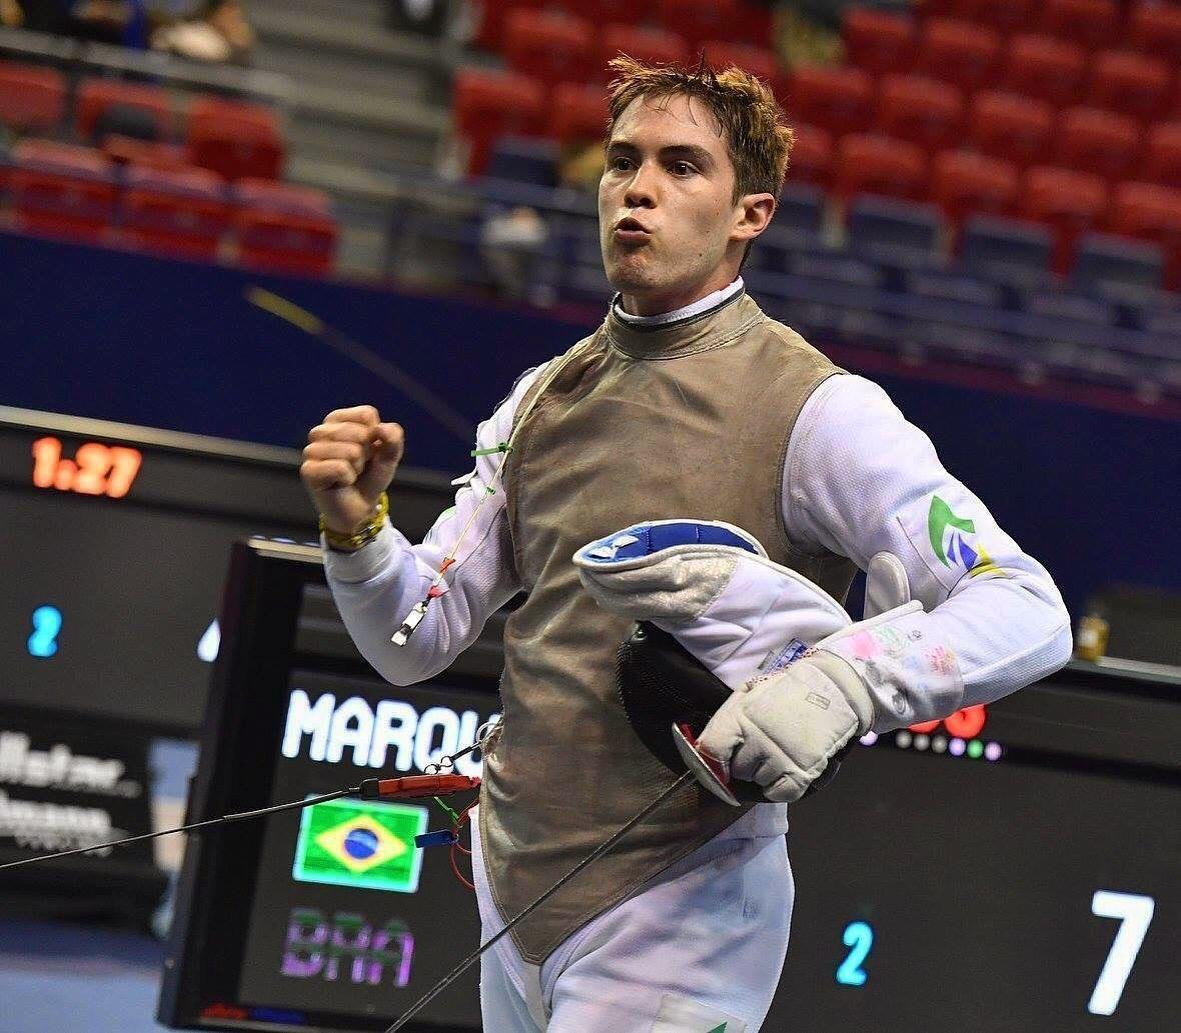 Henrique Marques, da equipe de Alto Rendimento das Forças Armadas, estará na França para o Campeonato Mundial Militar de Esgrima em Nancy.